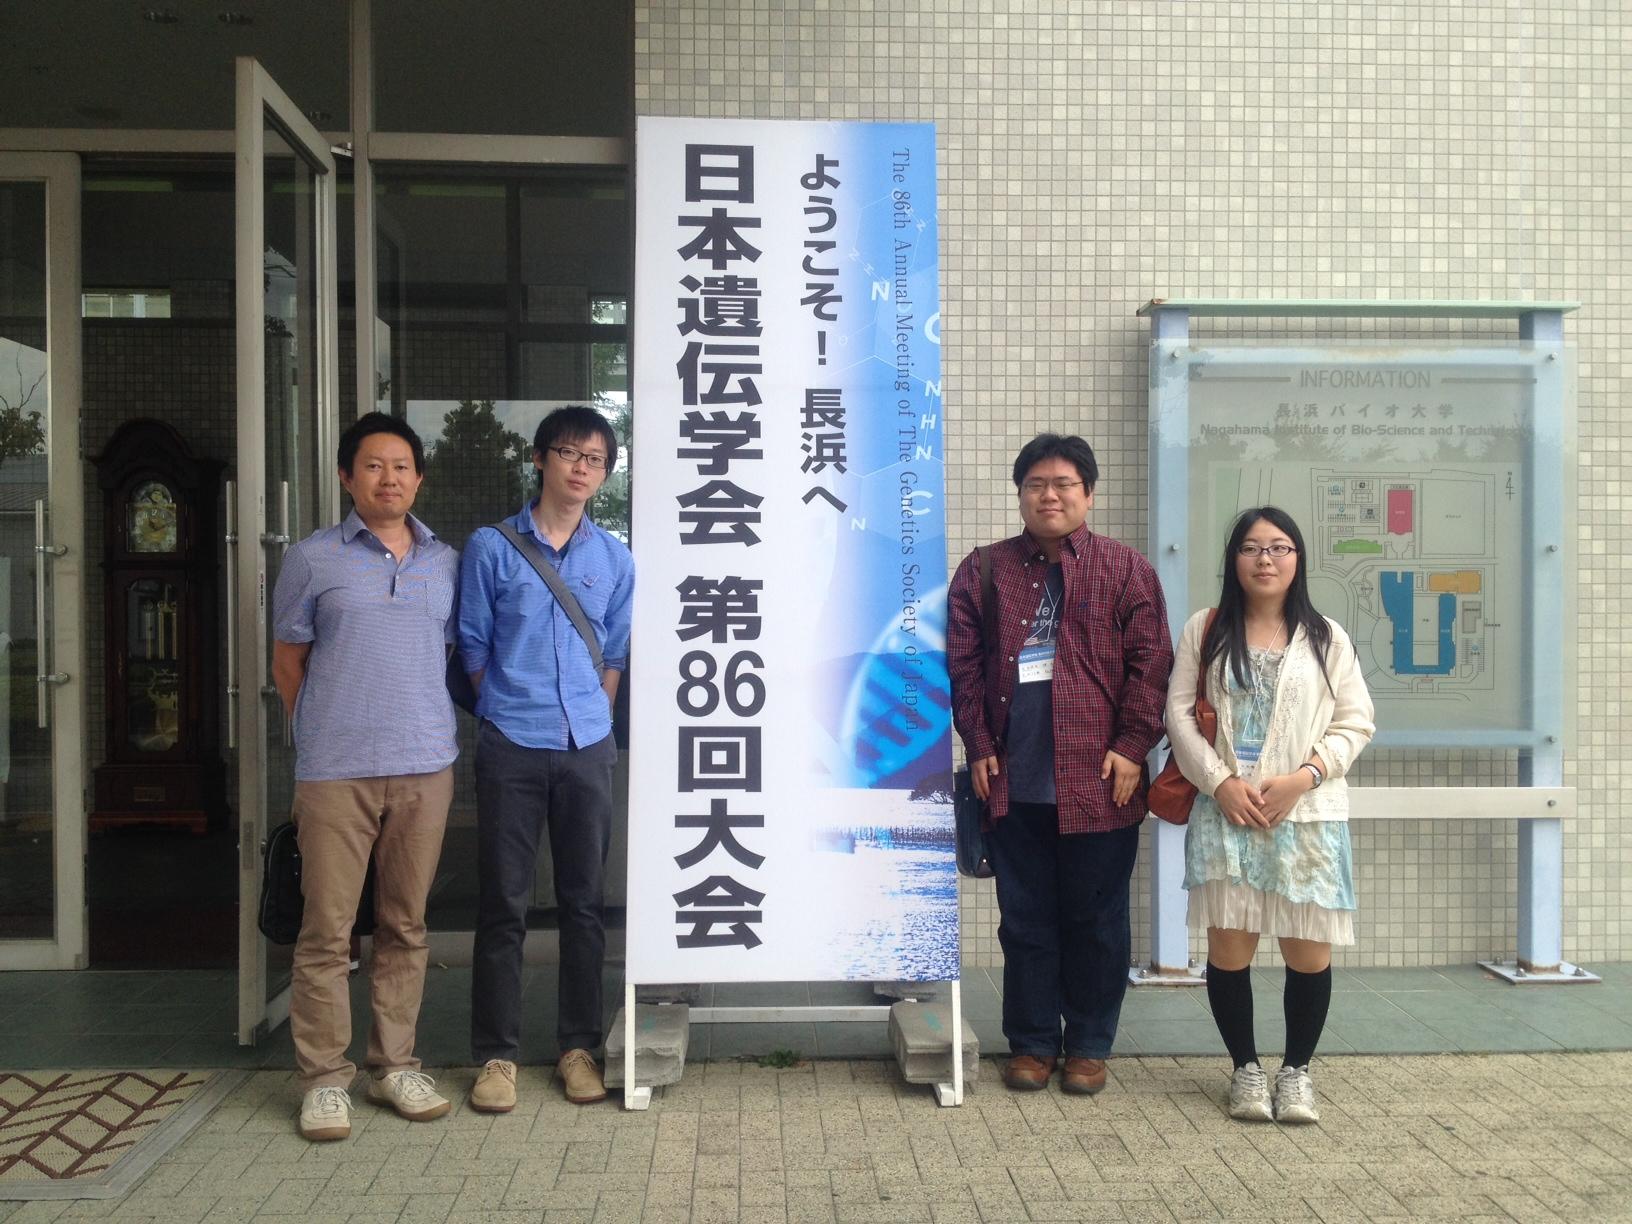 日本遺伝学会第86回大会